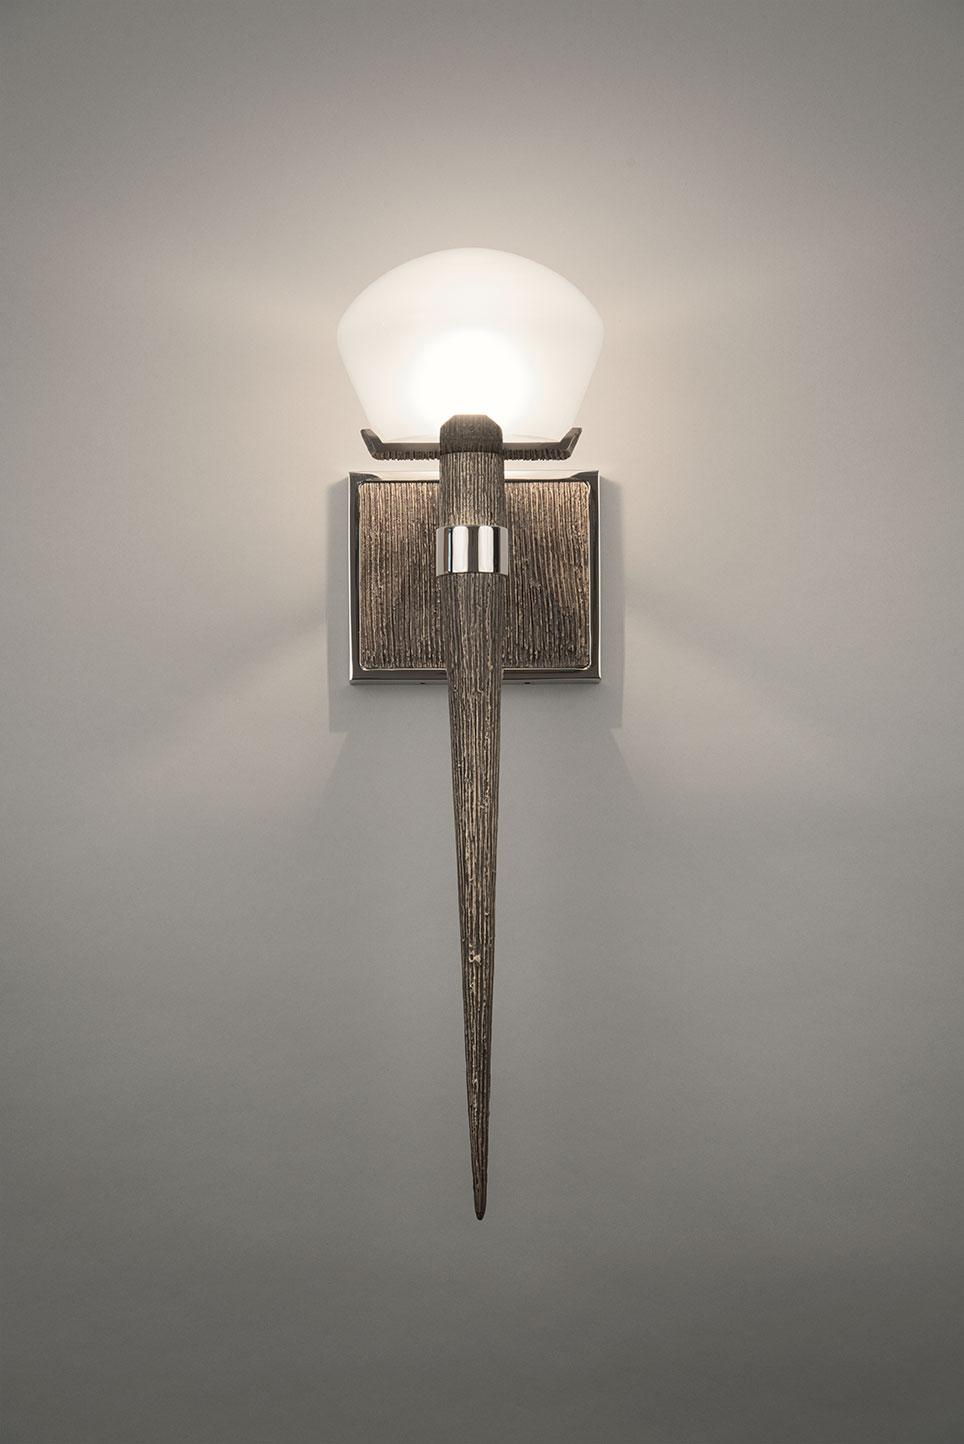 Comet Sconce by HTK Design for Boyd Lighting